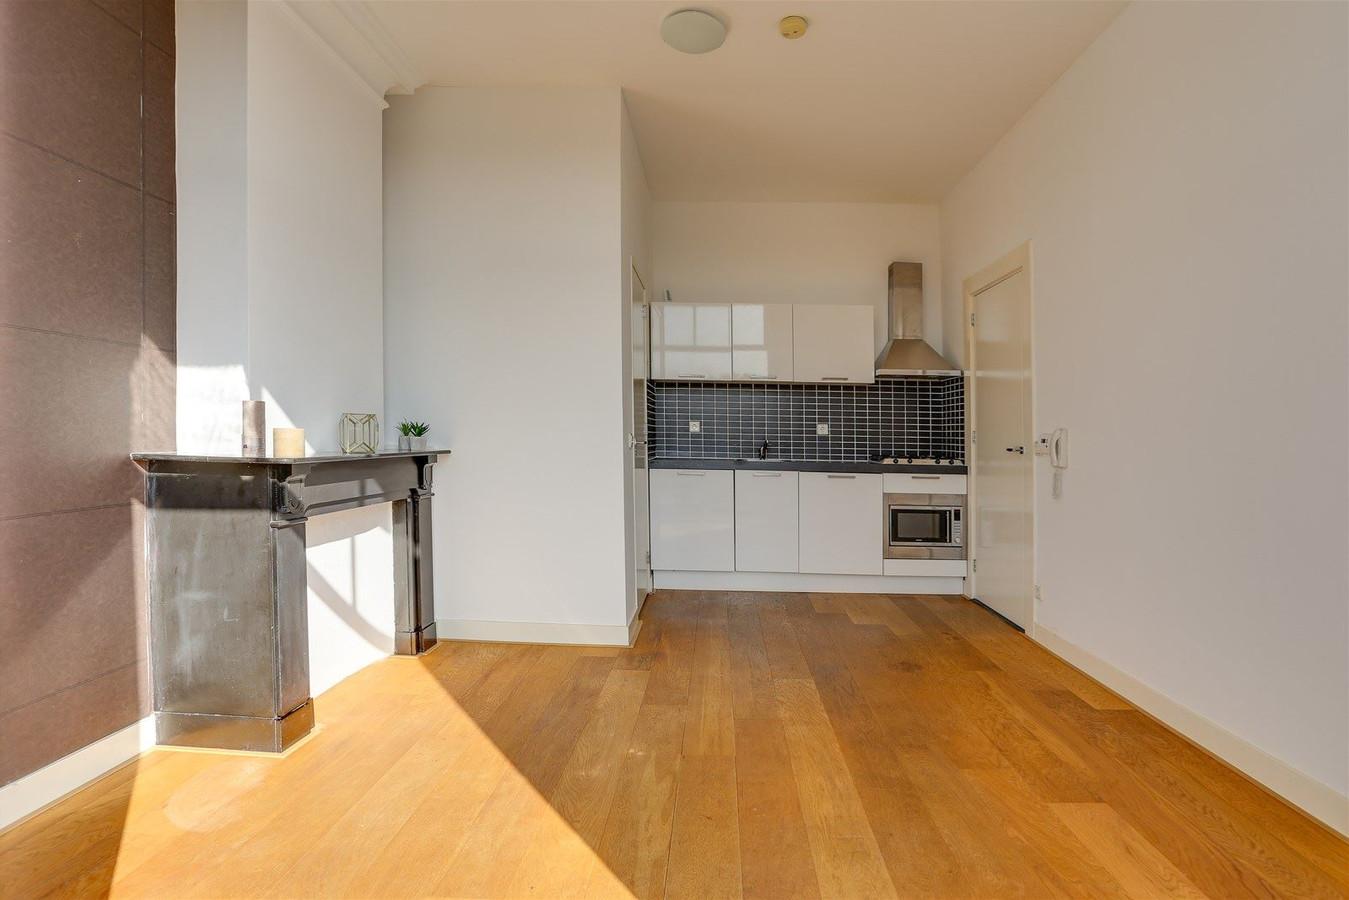 Het appartement heeft twee kamers en een kleine badkamer. Ook de keuken is niet groot. Toch wordt ruim 8000 euro per vierkante meter gevraagd.